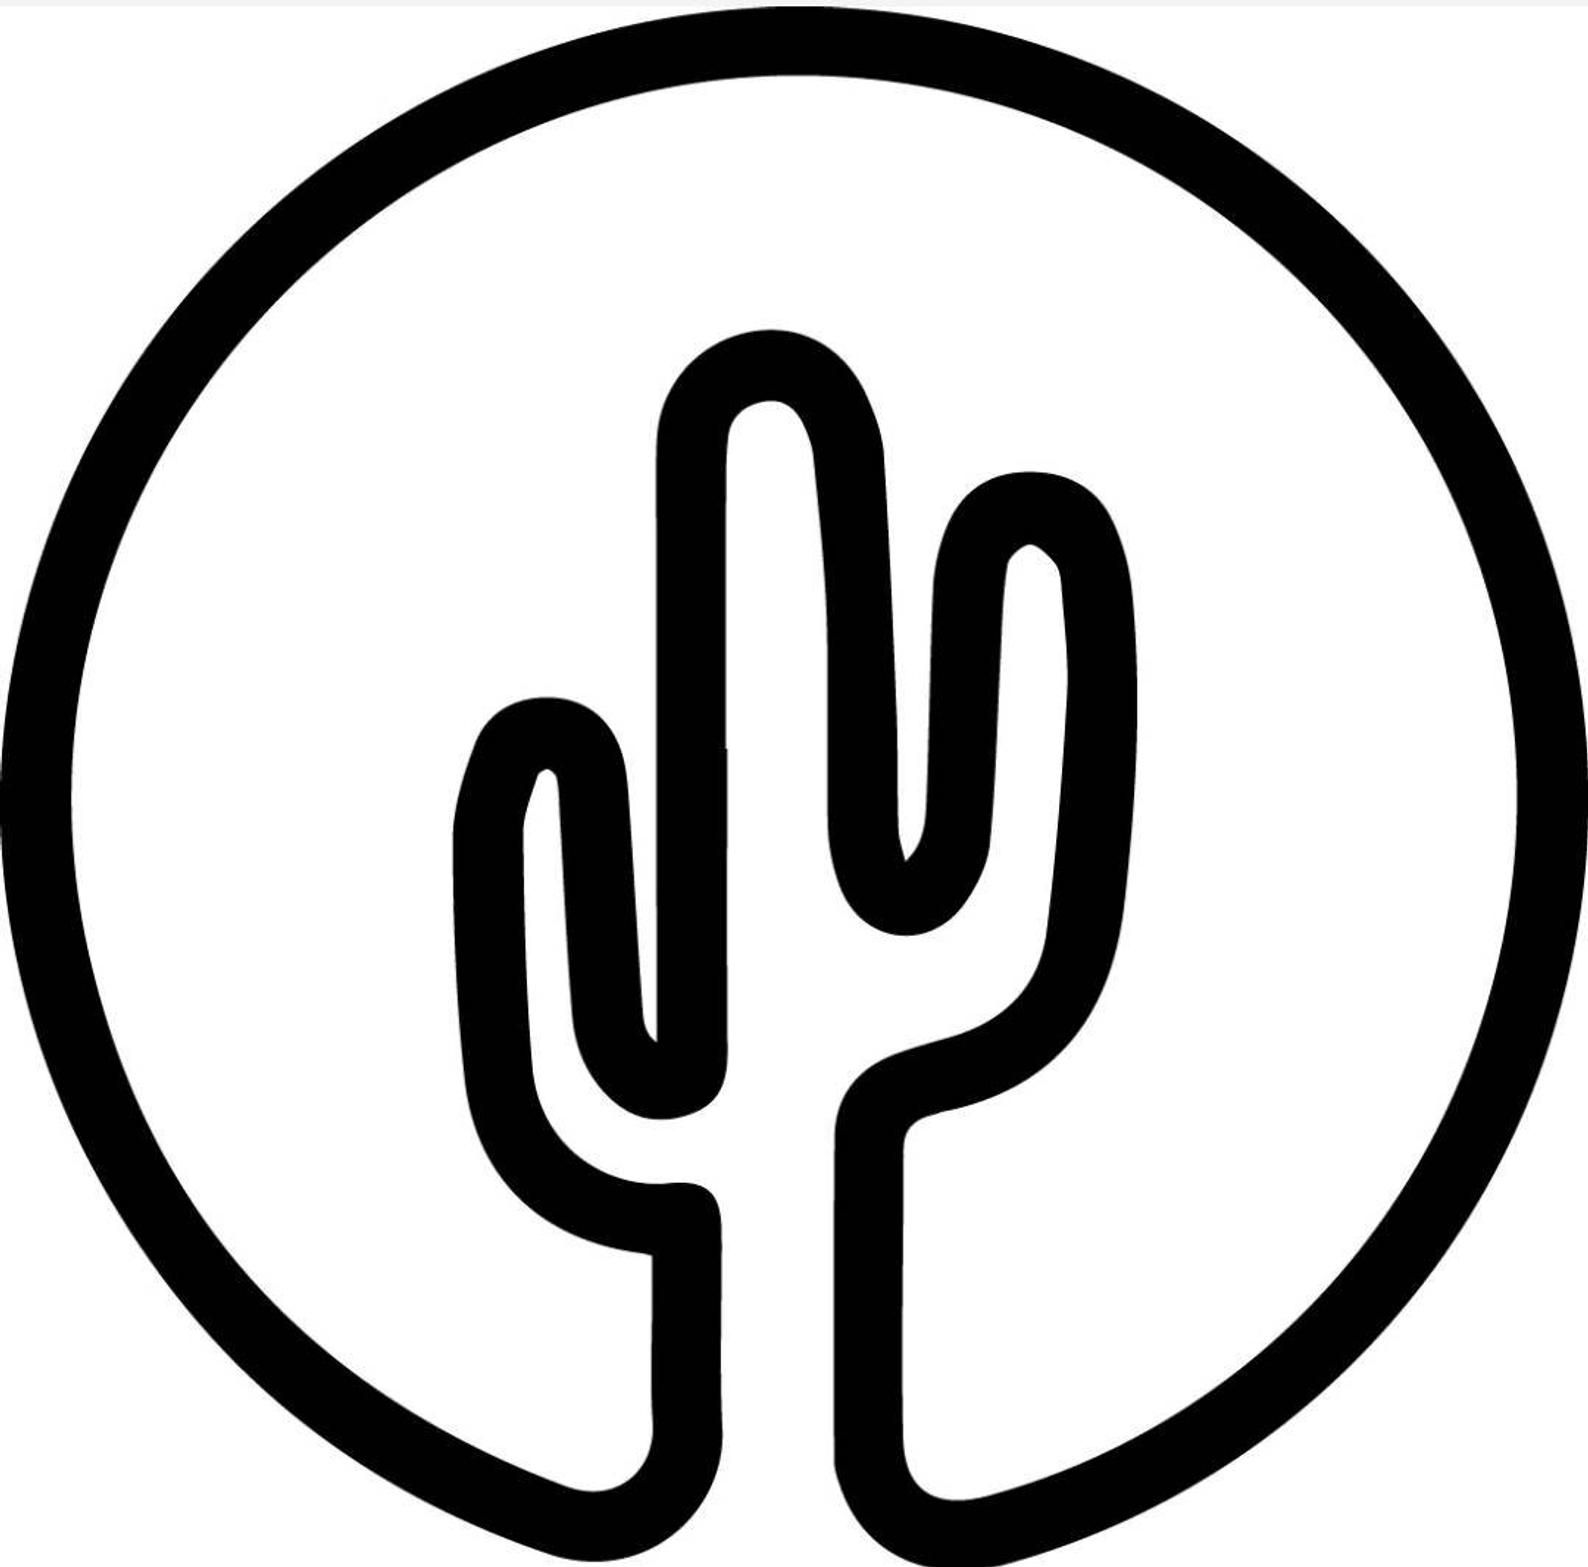 Giant Saguaro Cactus Desert Graphic Decal Sticker Car Vinyl